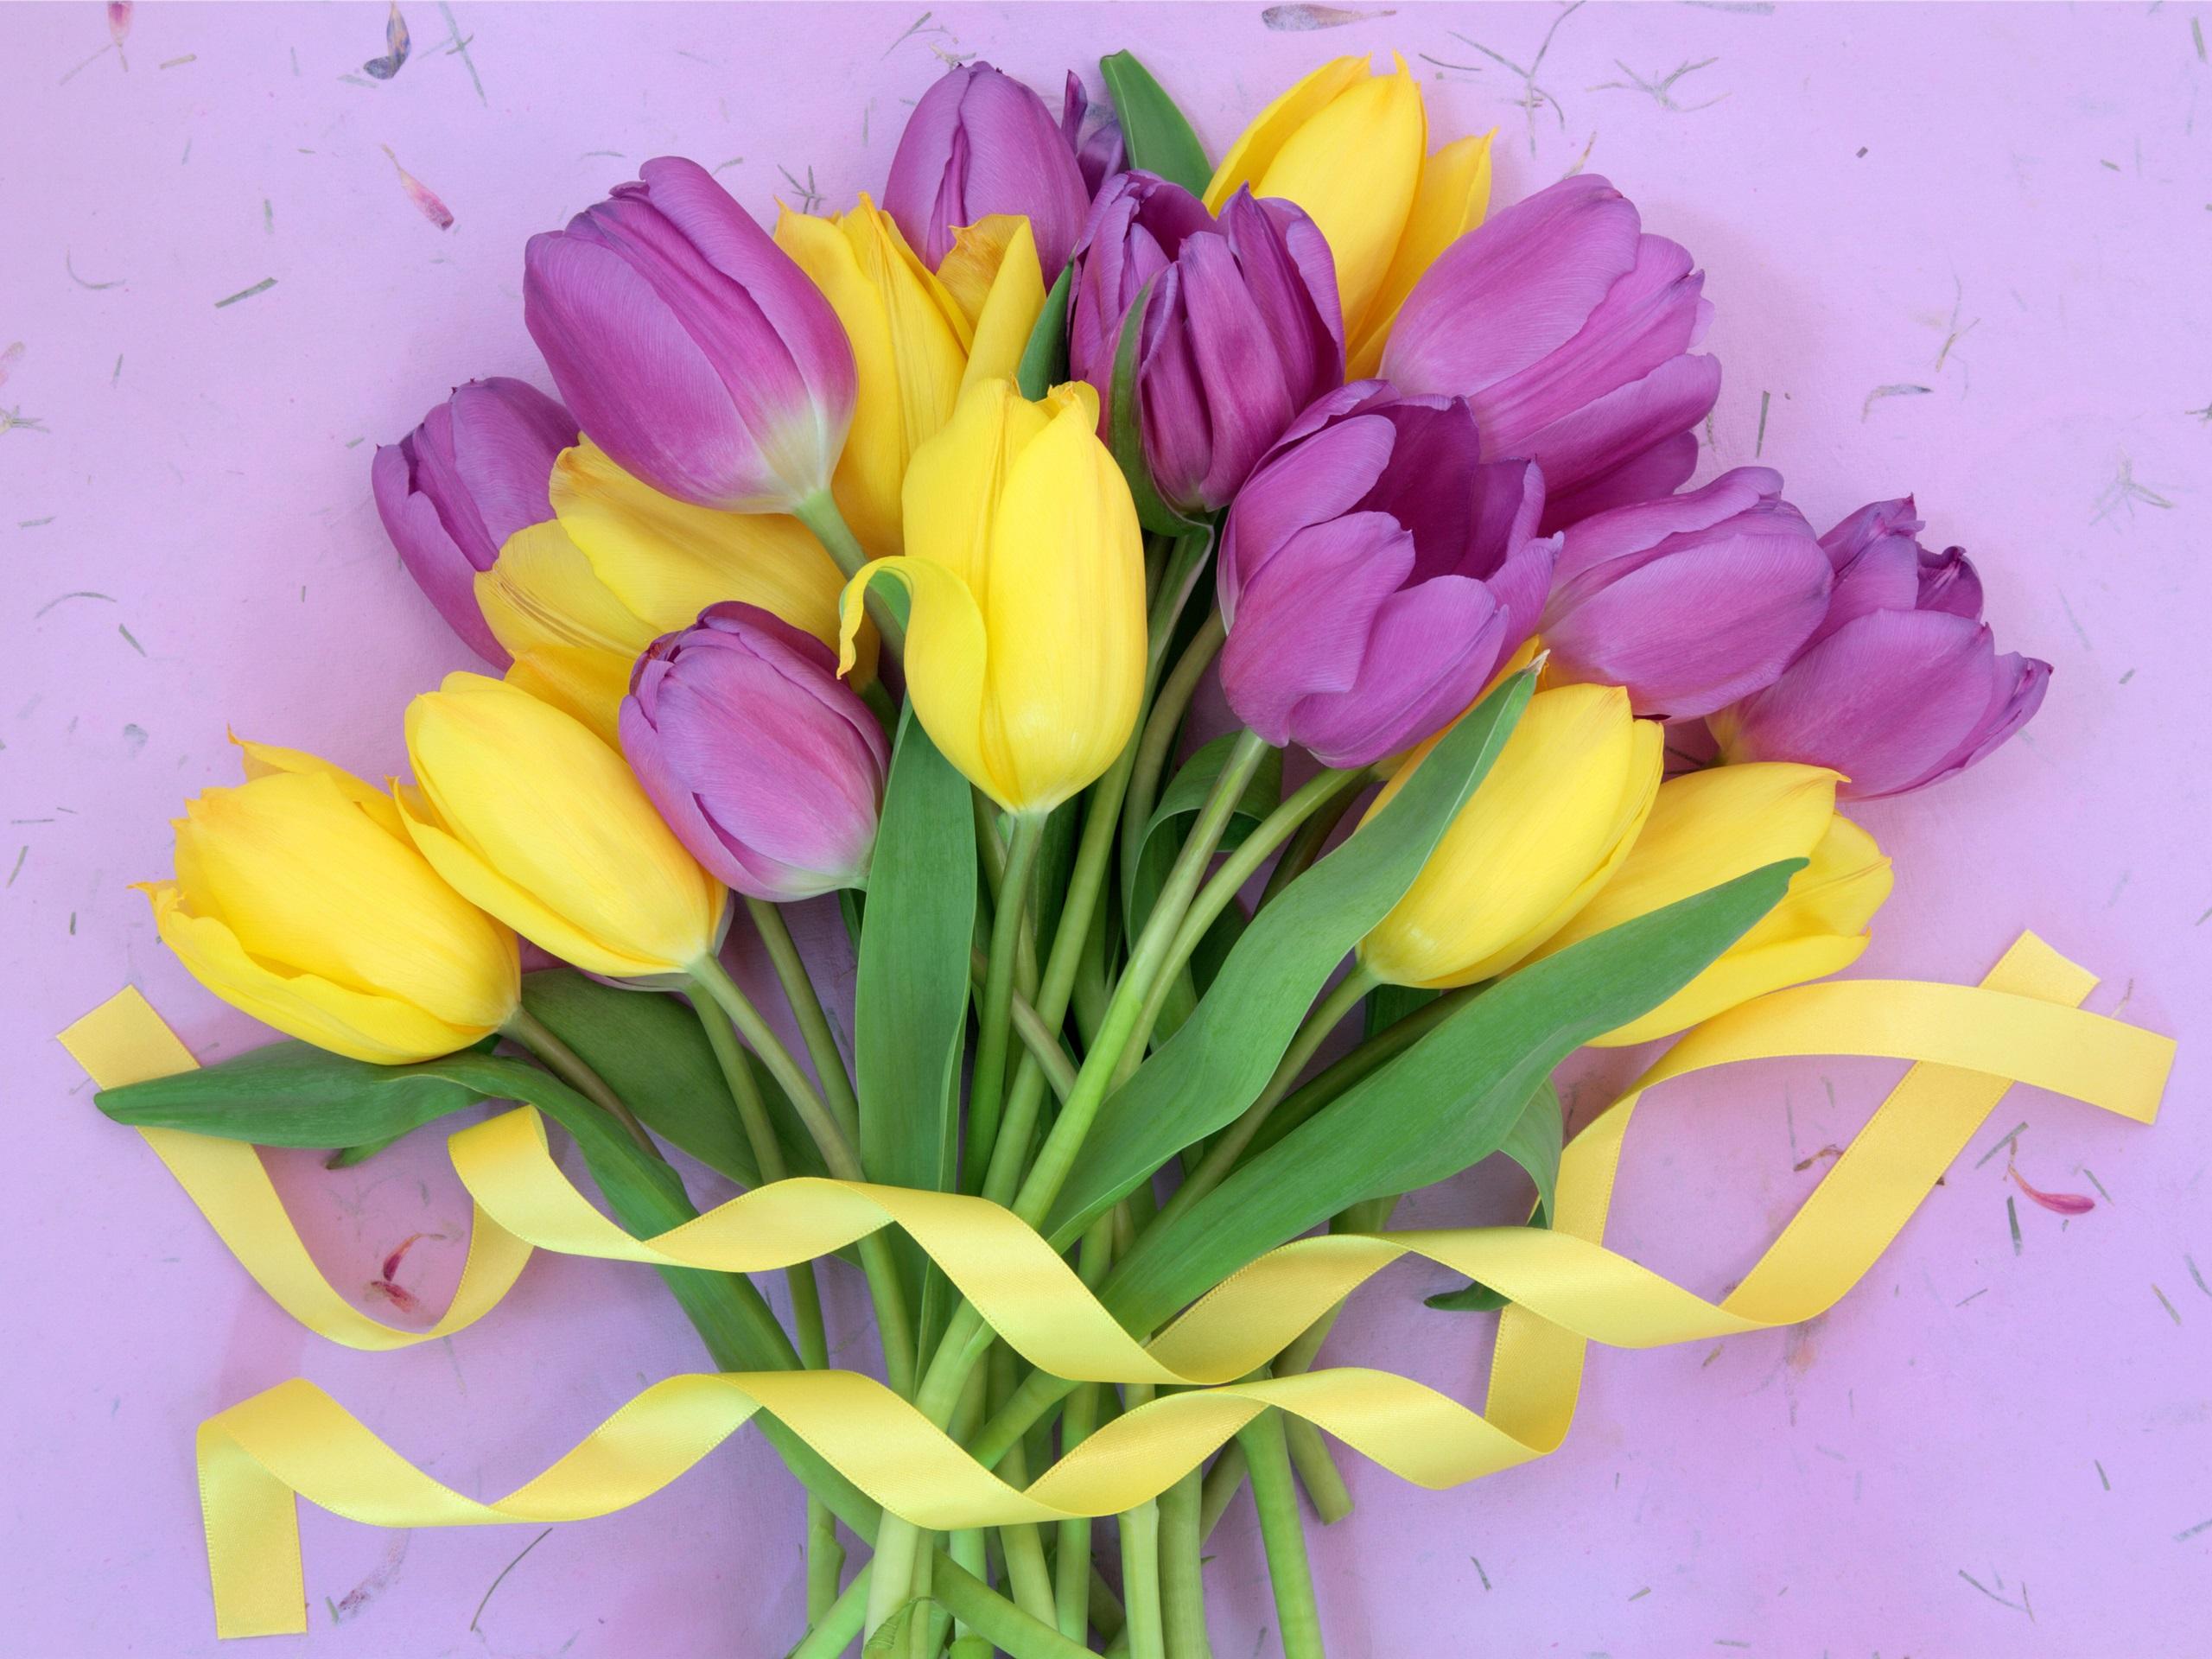 Ramo De Flores Tulipanes Amarillos Y Morados 1080x1920 Iphone 8 7 6